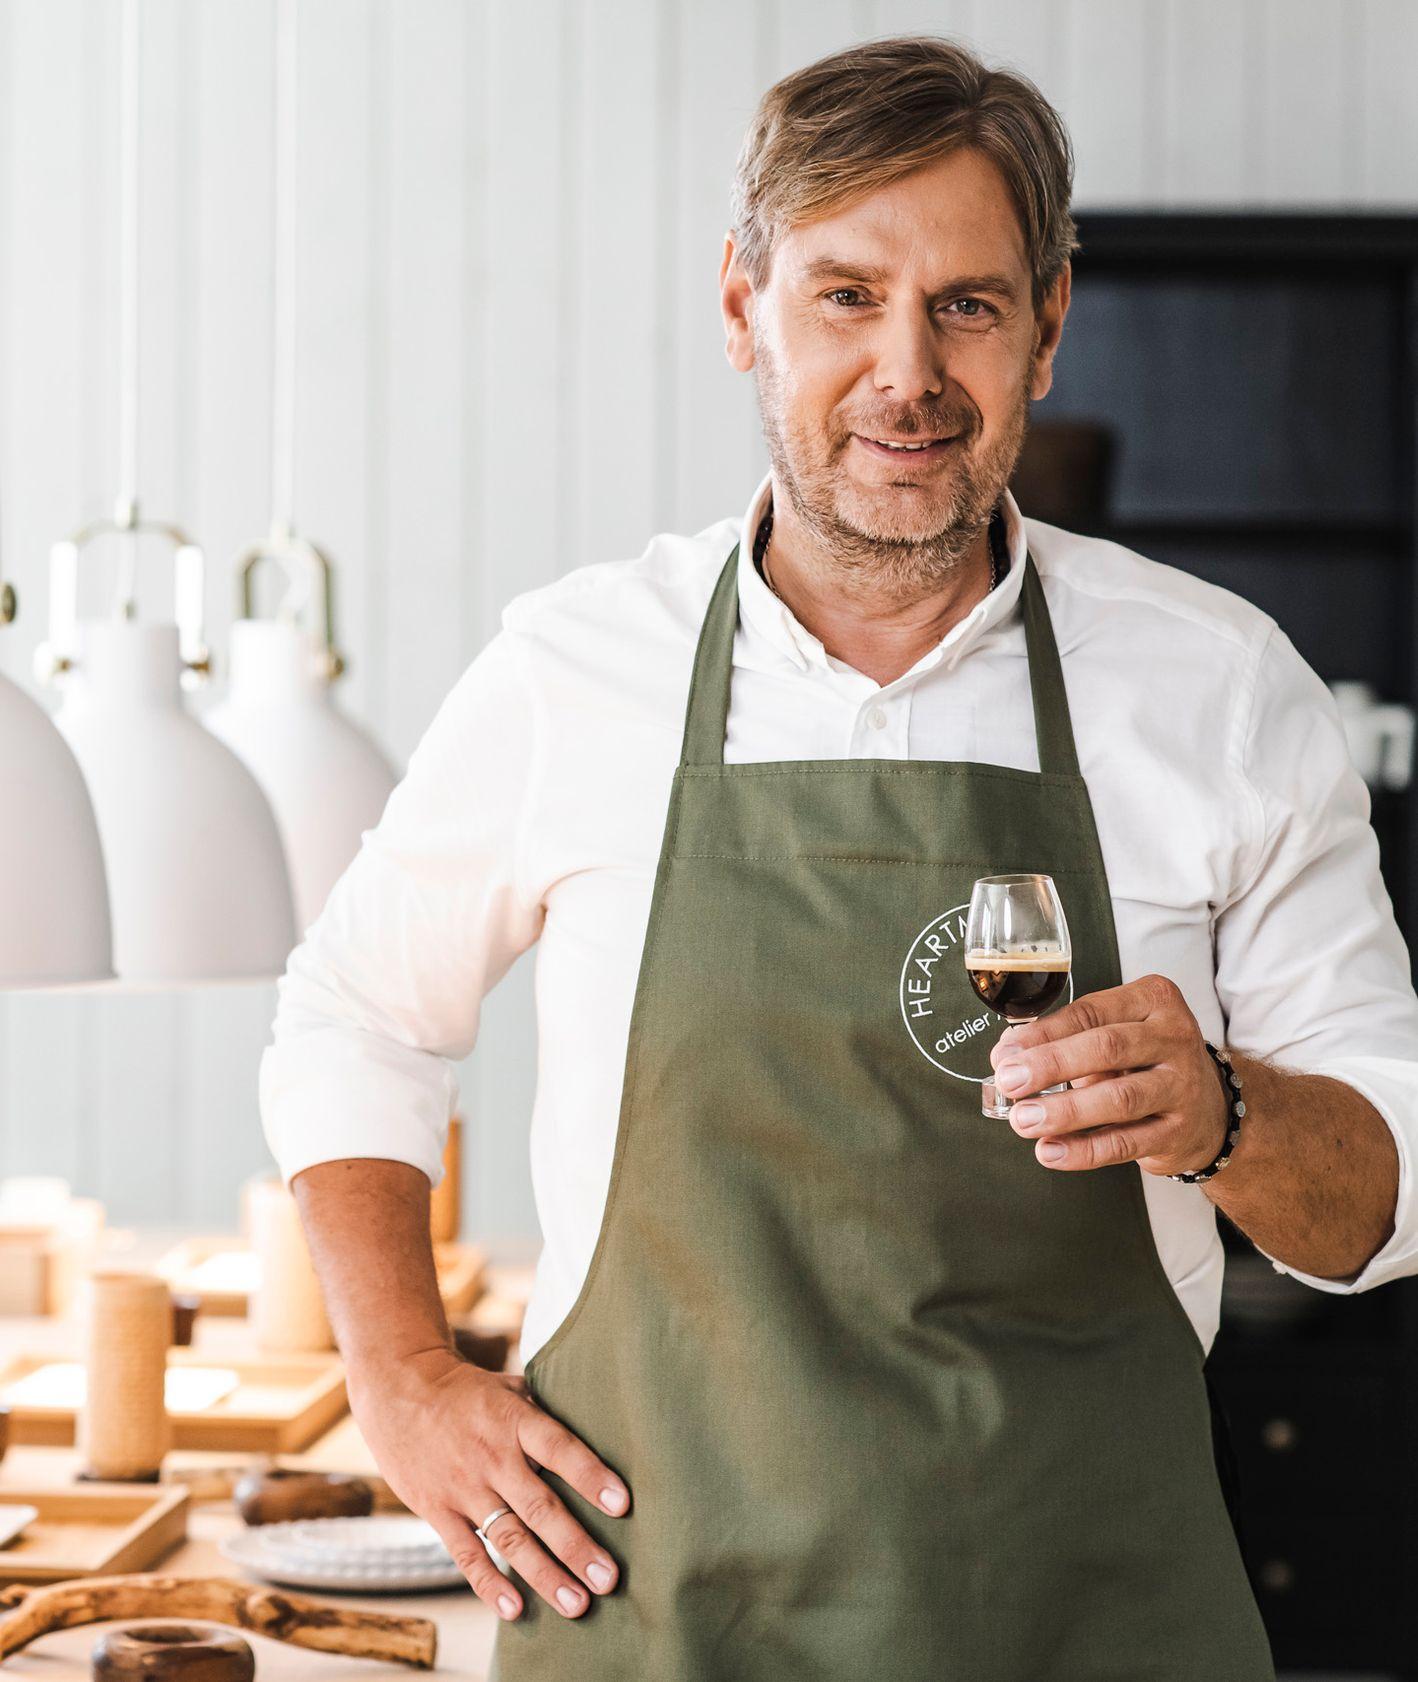 Wojciech Modest Amaro wspólnie z Nespresso podpowiada, czym jest coffee pairing – sztuka łączenia kawy z daniami